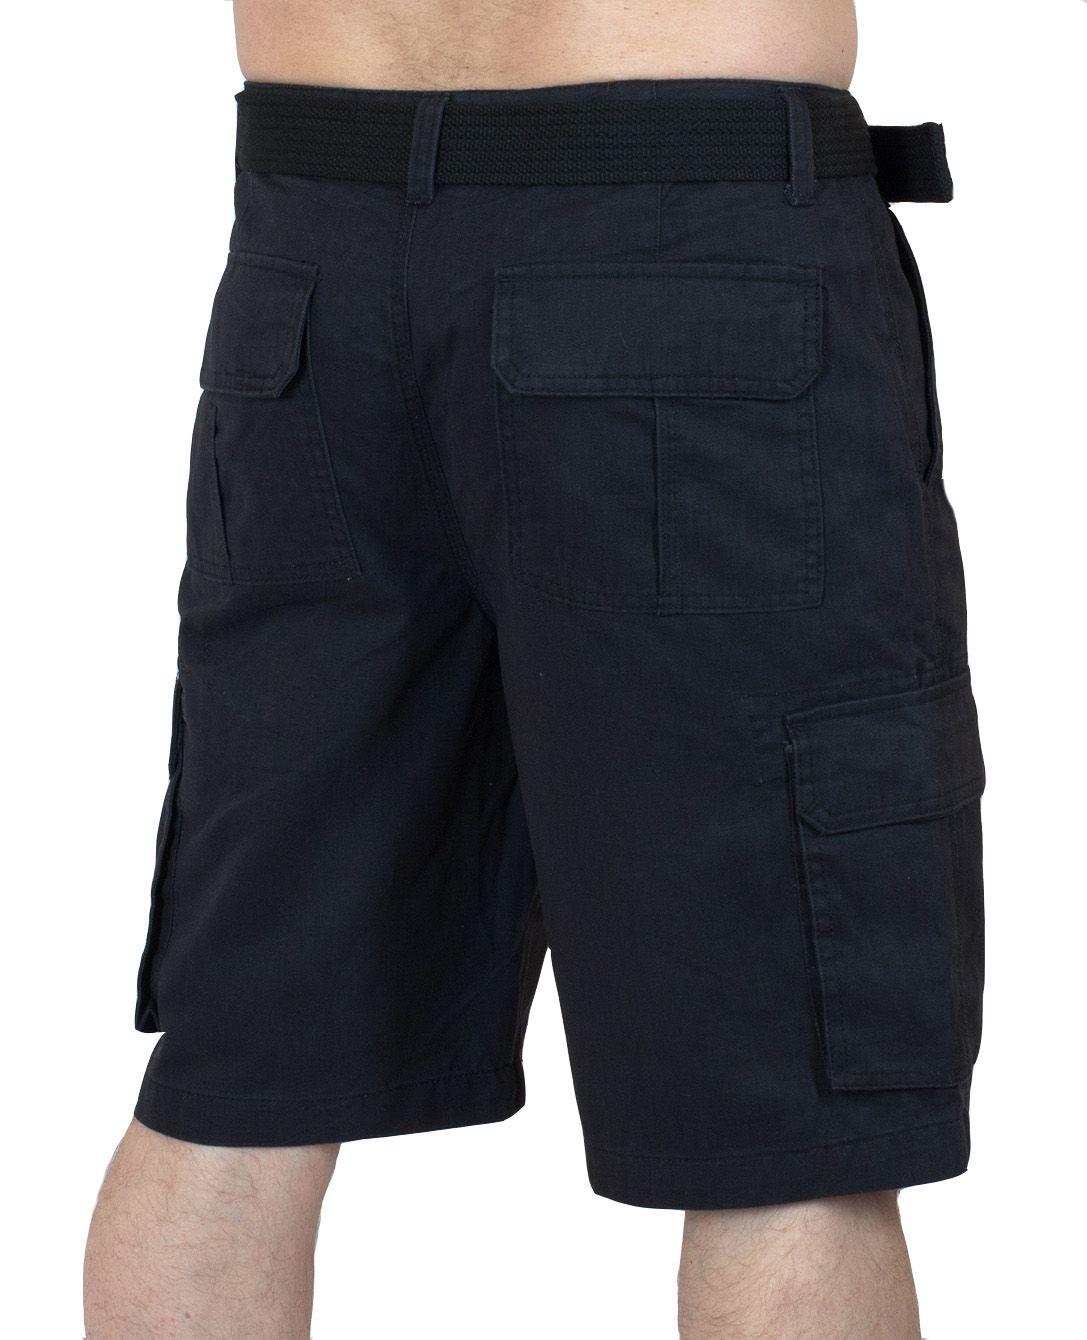 Культовые шорты карго Weatherproof - вид сзади